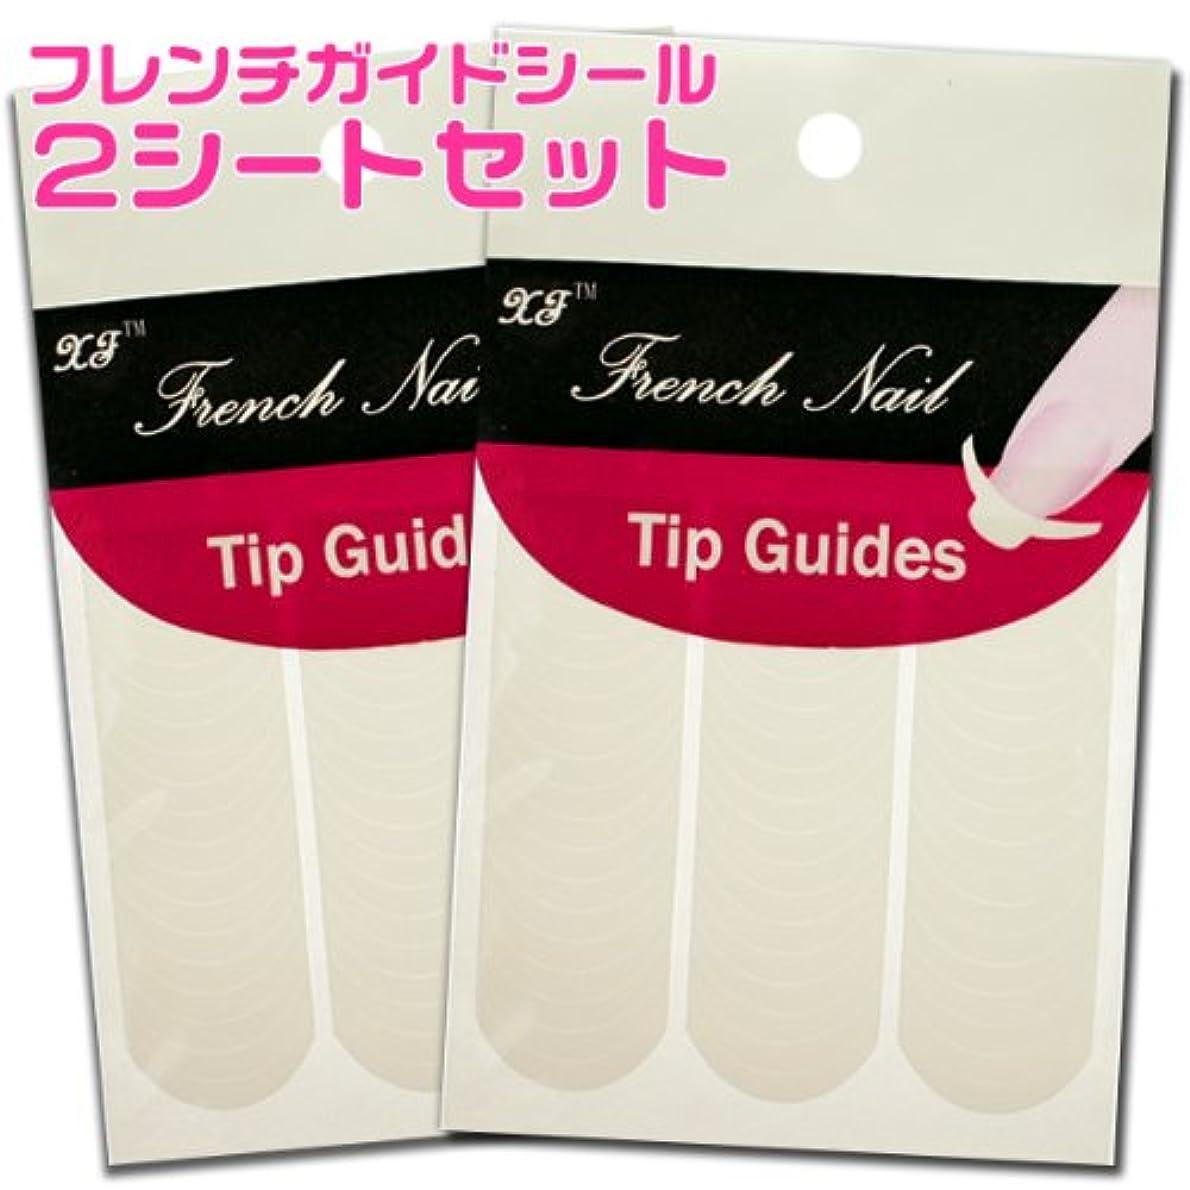 ファランクス反論者くぼみネイルシール フレンチガイドシール2枚セット フレンチテープフレンチガイドテープ